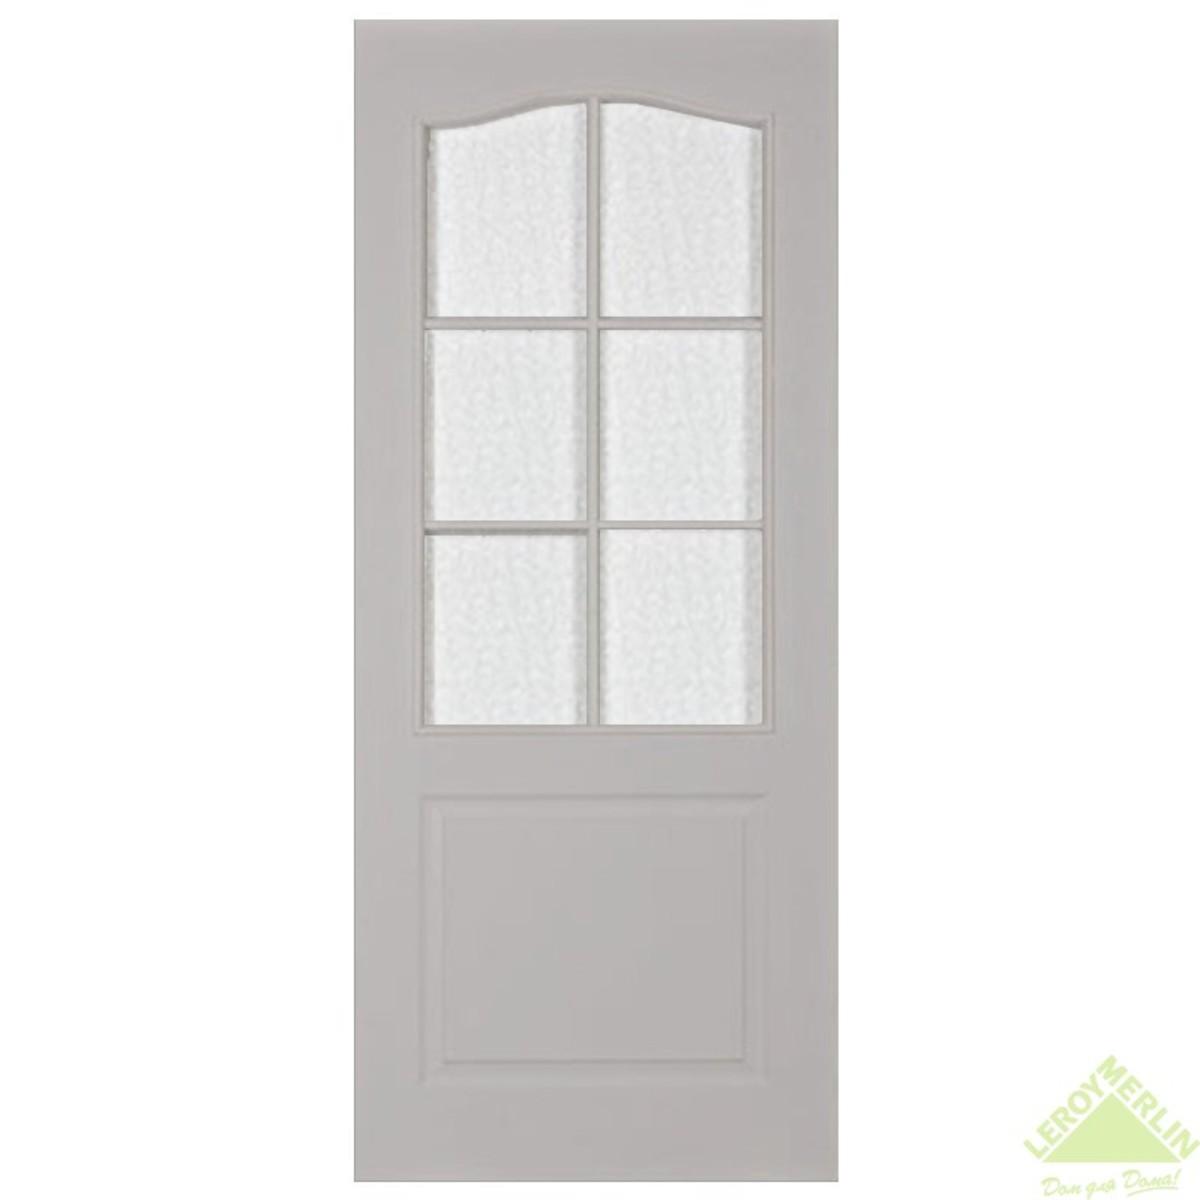 Дверь межкомнатная остеклённая Палитра 80x200 см ламинация цвет дуб белёный